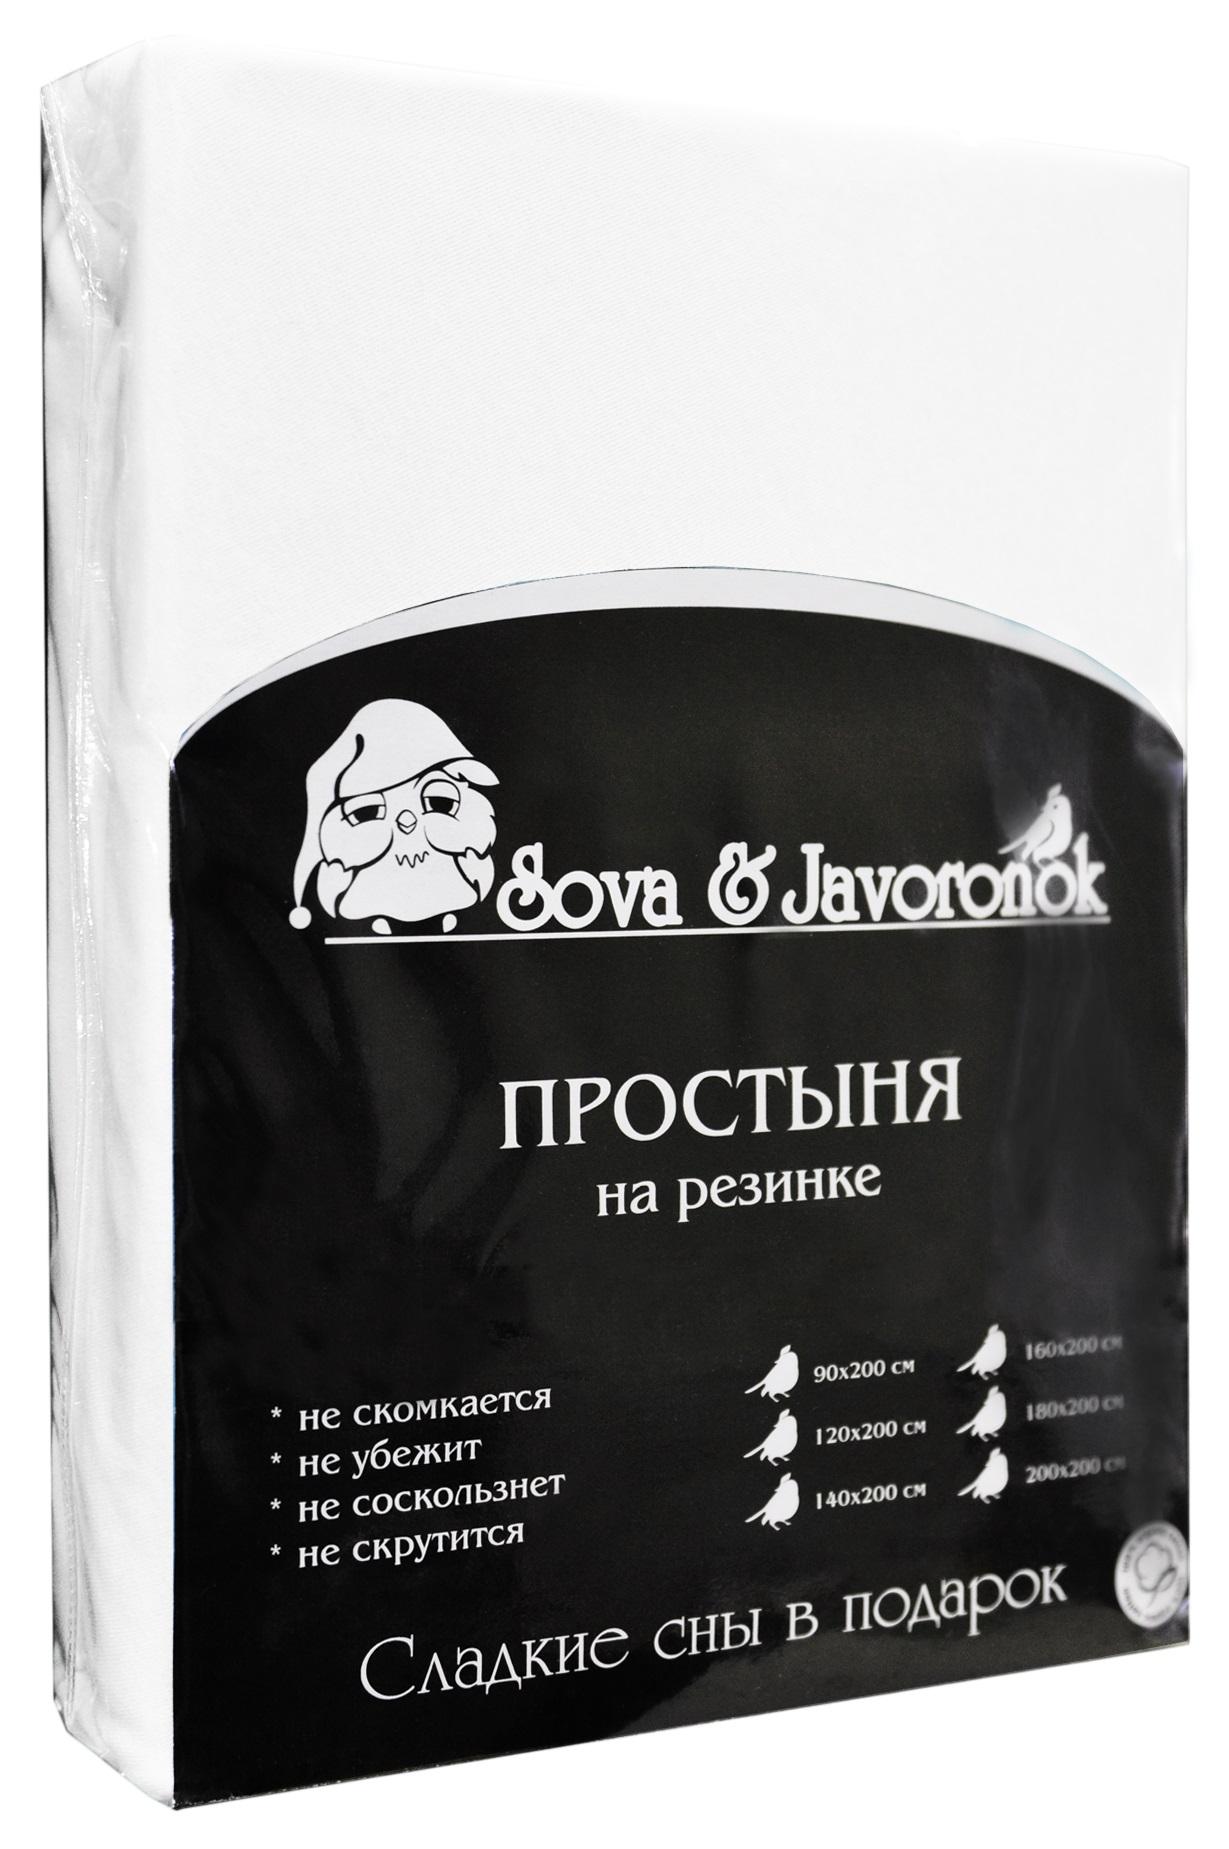 Простыня на резинке Sova & Javoronok, цвет: белый, 180 х 200 смES-412Простыня на резинке Sova & Javoronok, изготовленная из трикотажной ткани (100% хлопок), будет превосходно смотреться с любыми комплектами белья. Хлопчатобумажный трикотаж по праву считается одним из самых качественных, прочных и при этом приятных на ощупь. Его гигиеничность позволяет использовать простыню и в детских комнатах, к тому же 100%-ый хлопок в составе ткани не вызовет аллергии. У трикотажного полотна очень интересная структура, немного рыхлая за счет отсутствия плотного переплетения нитей и наличия особых петель, благодаря этому простыня Сова и Жаворонок отлично пропускает воздух и способствует его постоянной циркуляции. Поэтому ваша постель будет всегда оставаться свежей. Но главное и, пожалуй, самое известное свойство трикотажа - это его великолепная растяжимость, поэтому эта ткань и была выбрана для натяжной простыни на резинке.Простыня прошита резинкой по всему периметру, что обеспечивает более комфортный отдых, так как она прочно удерживается на матрасе и избавляет от необходимости часто поправлять простыню.